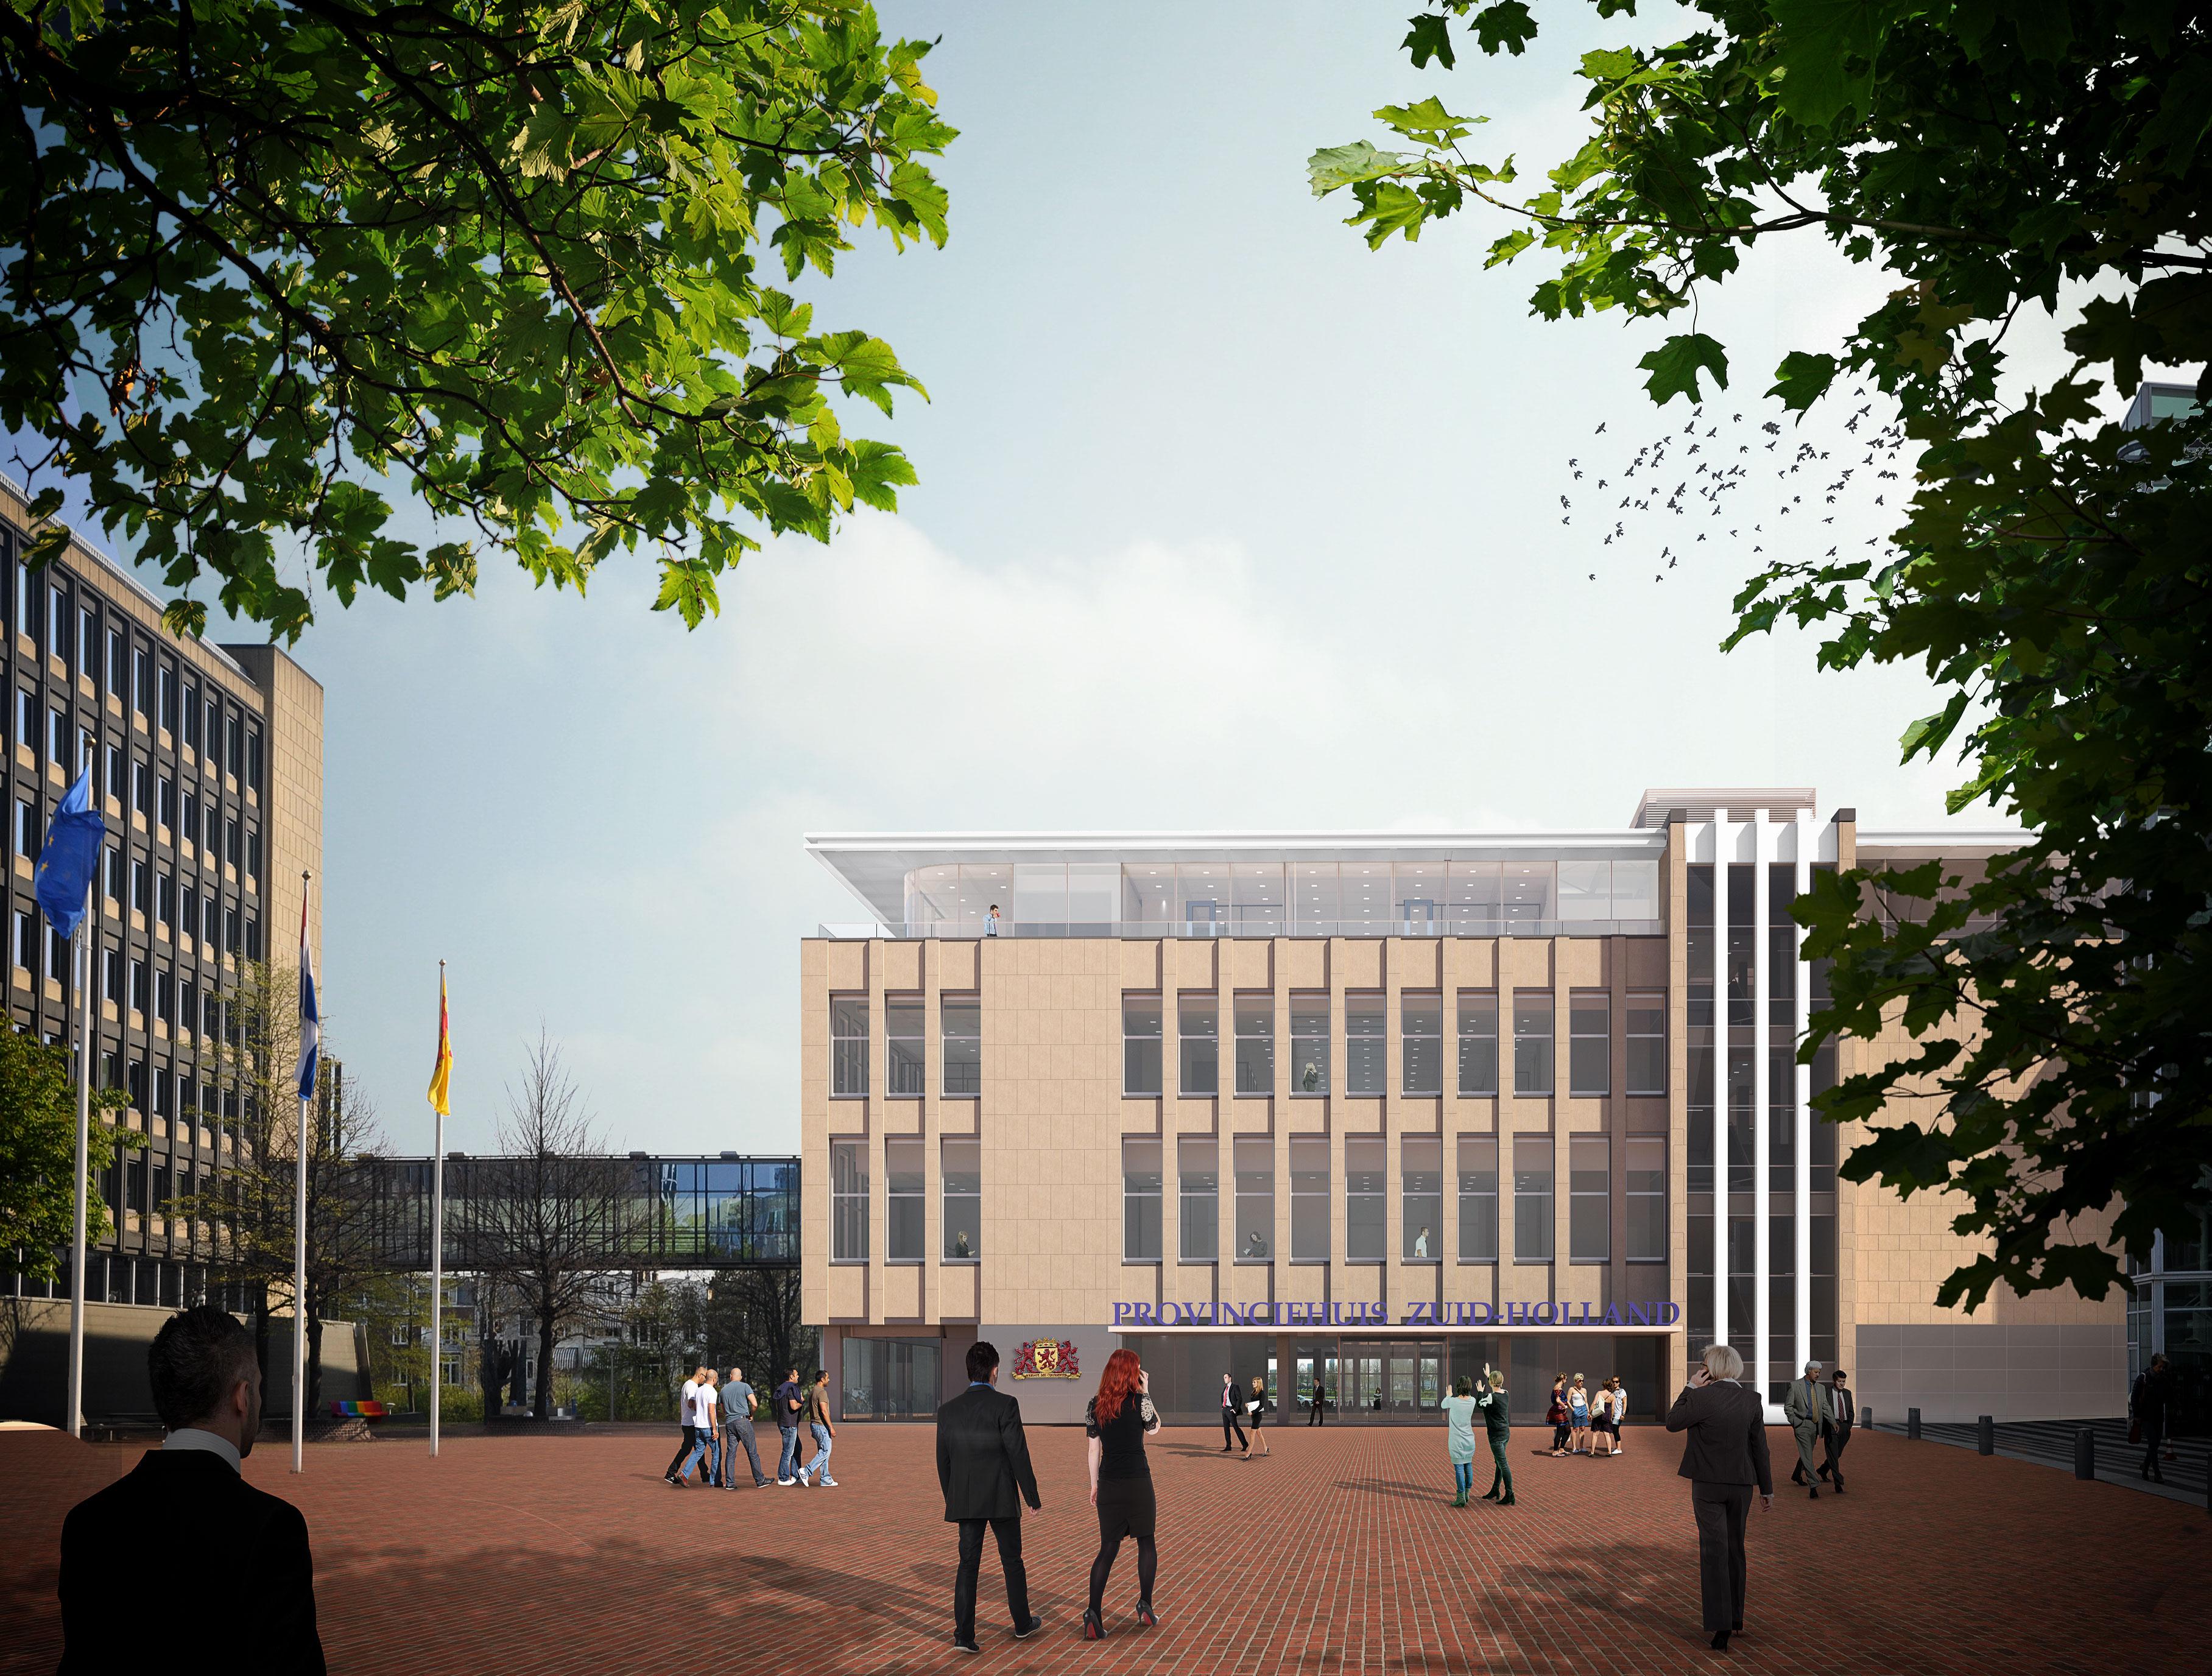 <p>De hoofdingang van het provinciehuis blijft gesitueerd aan het Zuid-Hollandplein, zoals voorheen. De entree krijgt een meer open karakter</p>